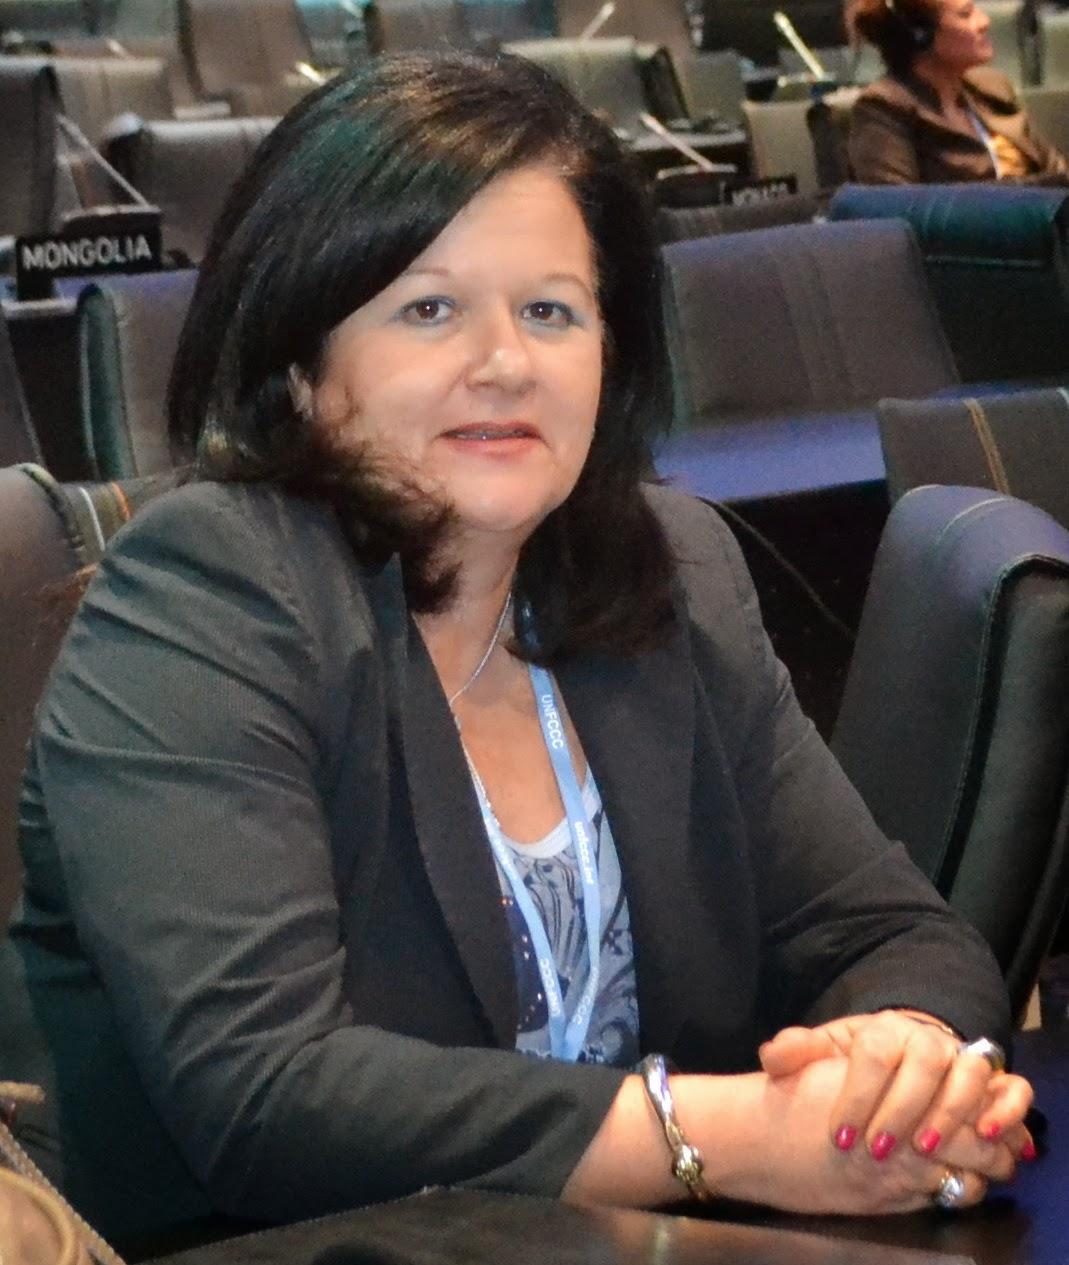 Χ. Καφαντάρη: Οι υποψήφιοι δήμαρχοι να τοποθετηθούν στο ζήτημα της διαχείρισης απορριμμάτων. (Video)